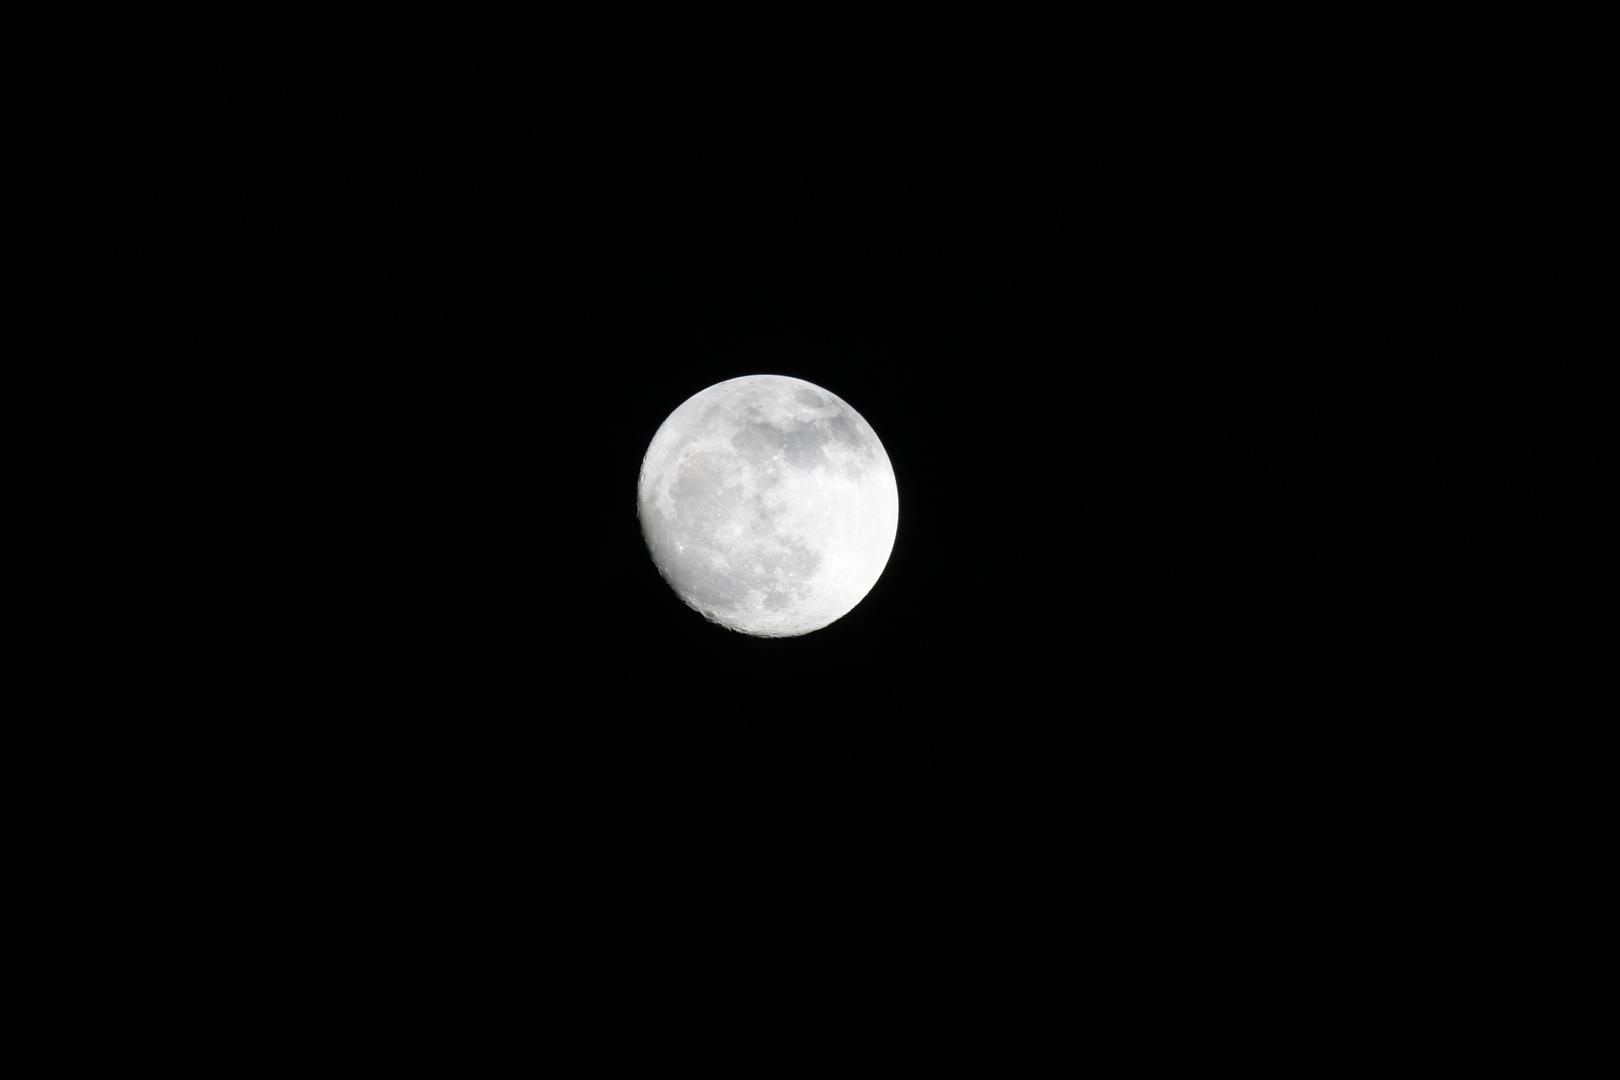 Der Mond und seine Krater